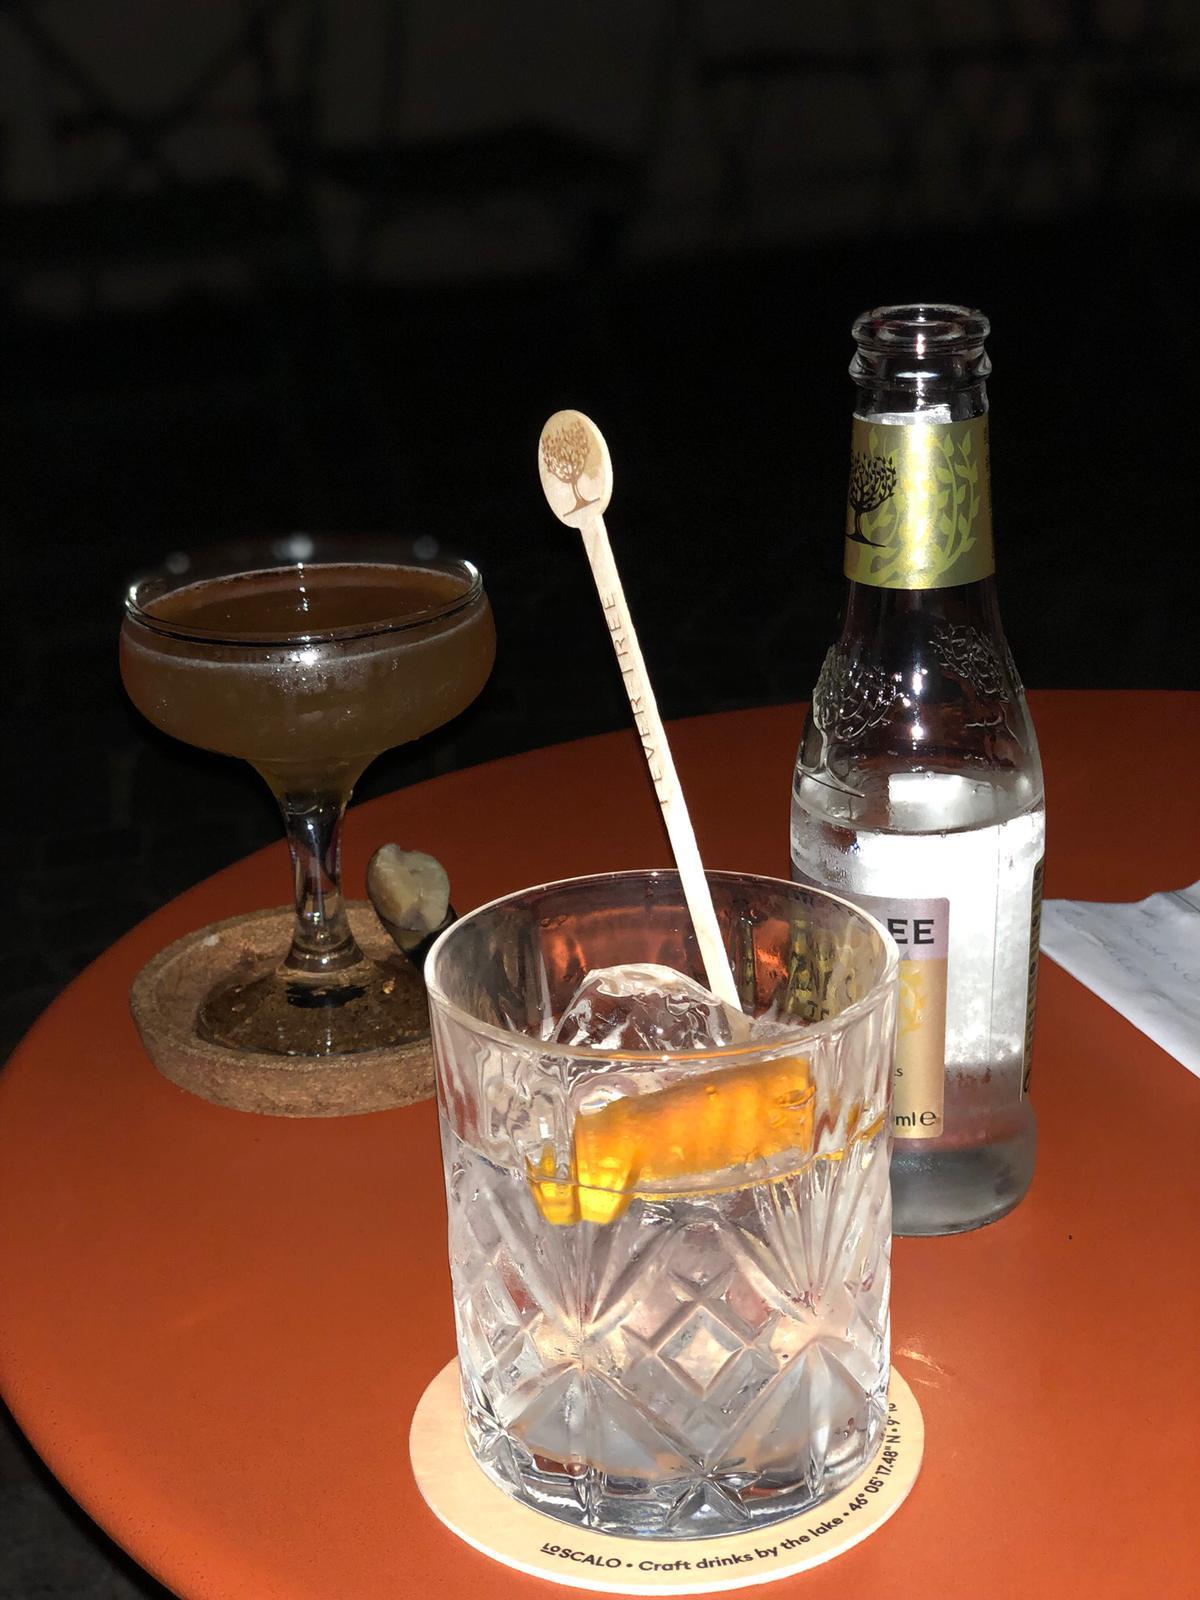 Como Lake cocktail week- cocktail at SCALO